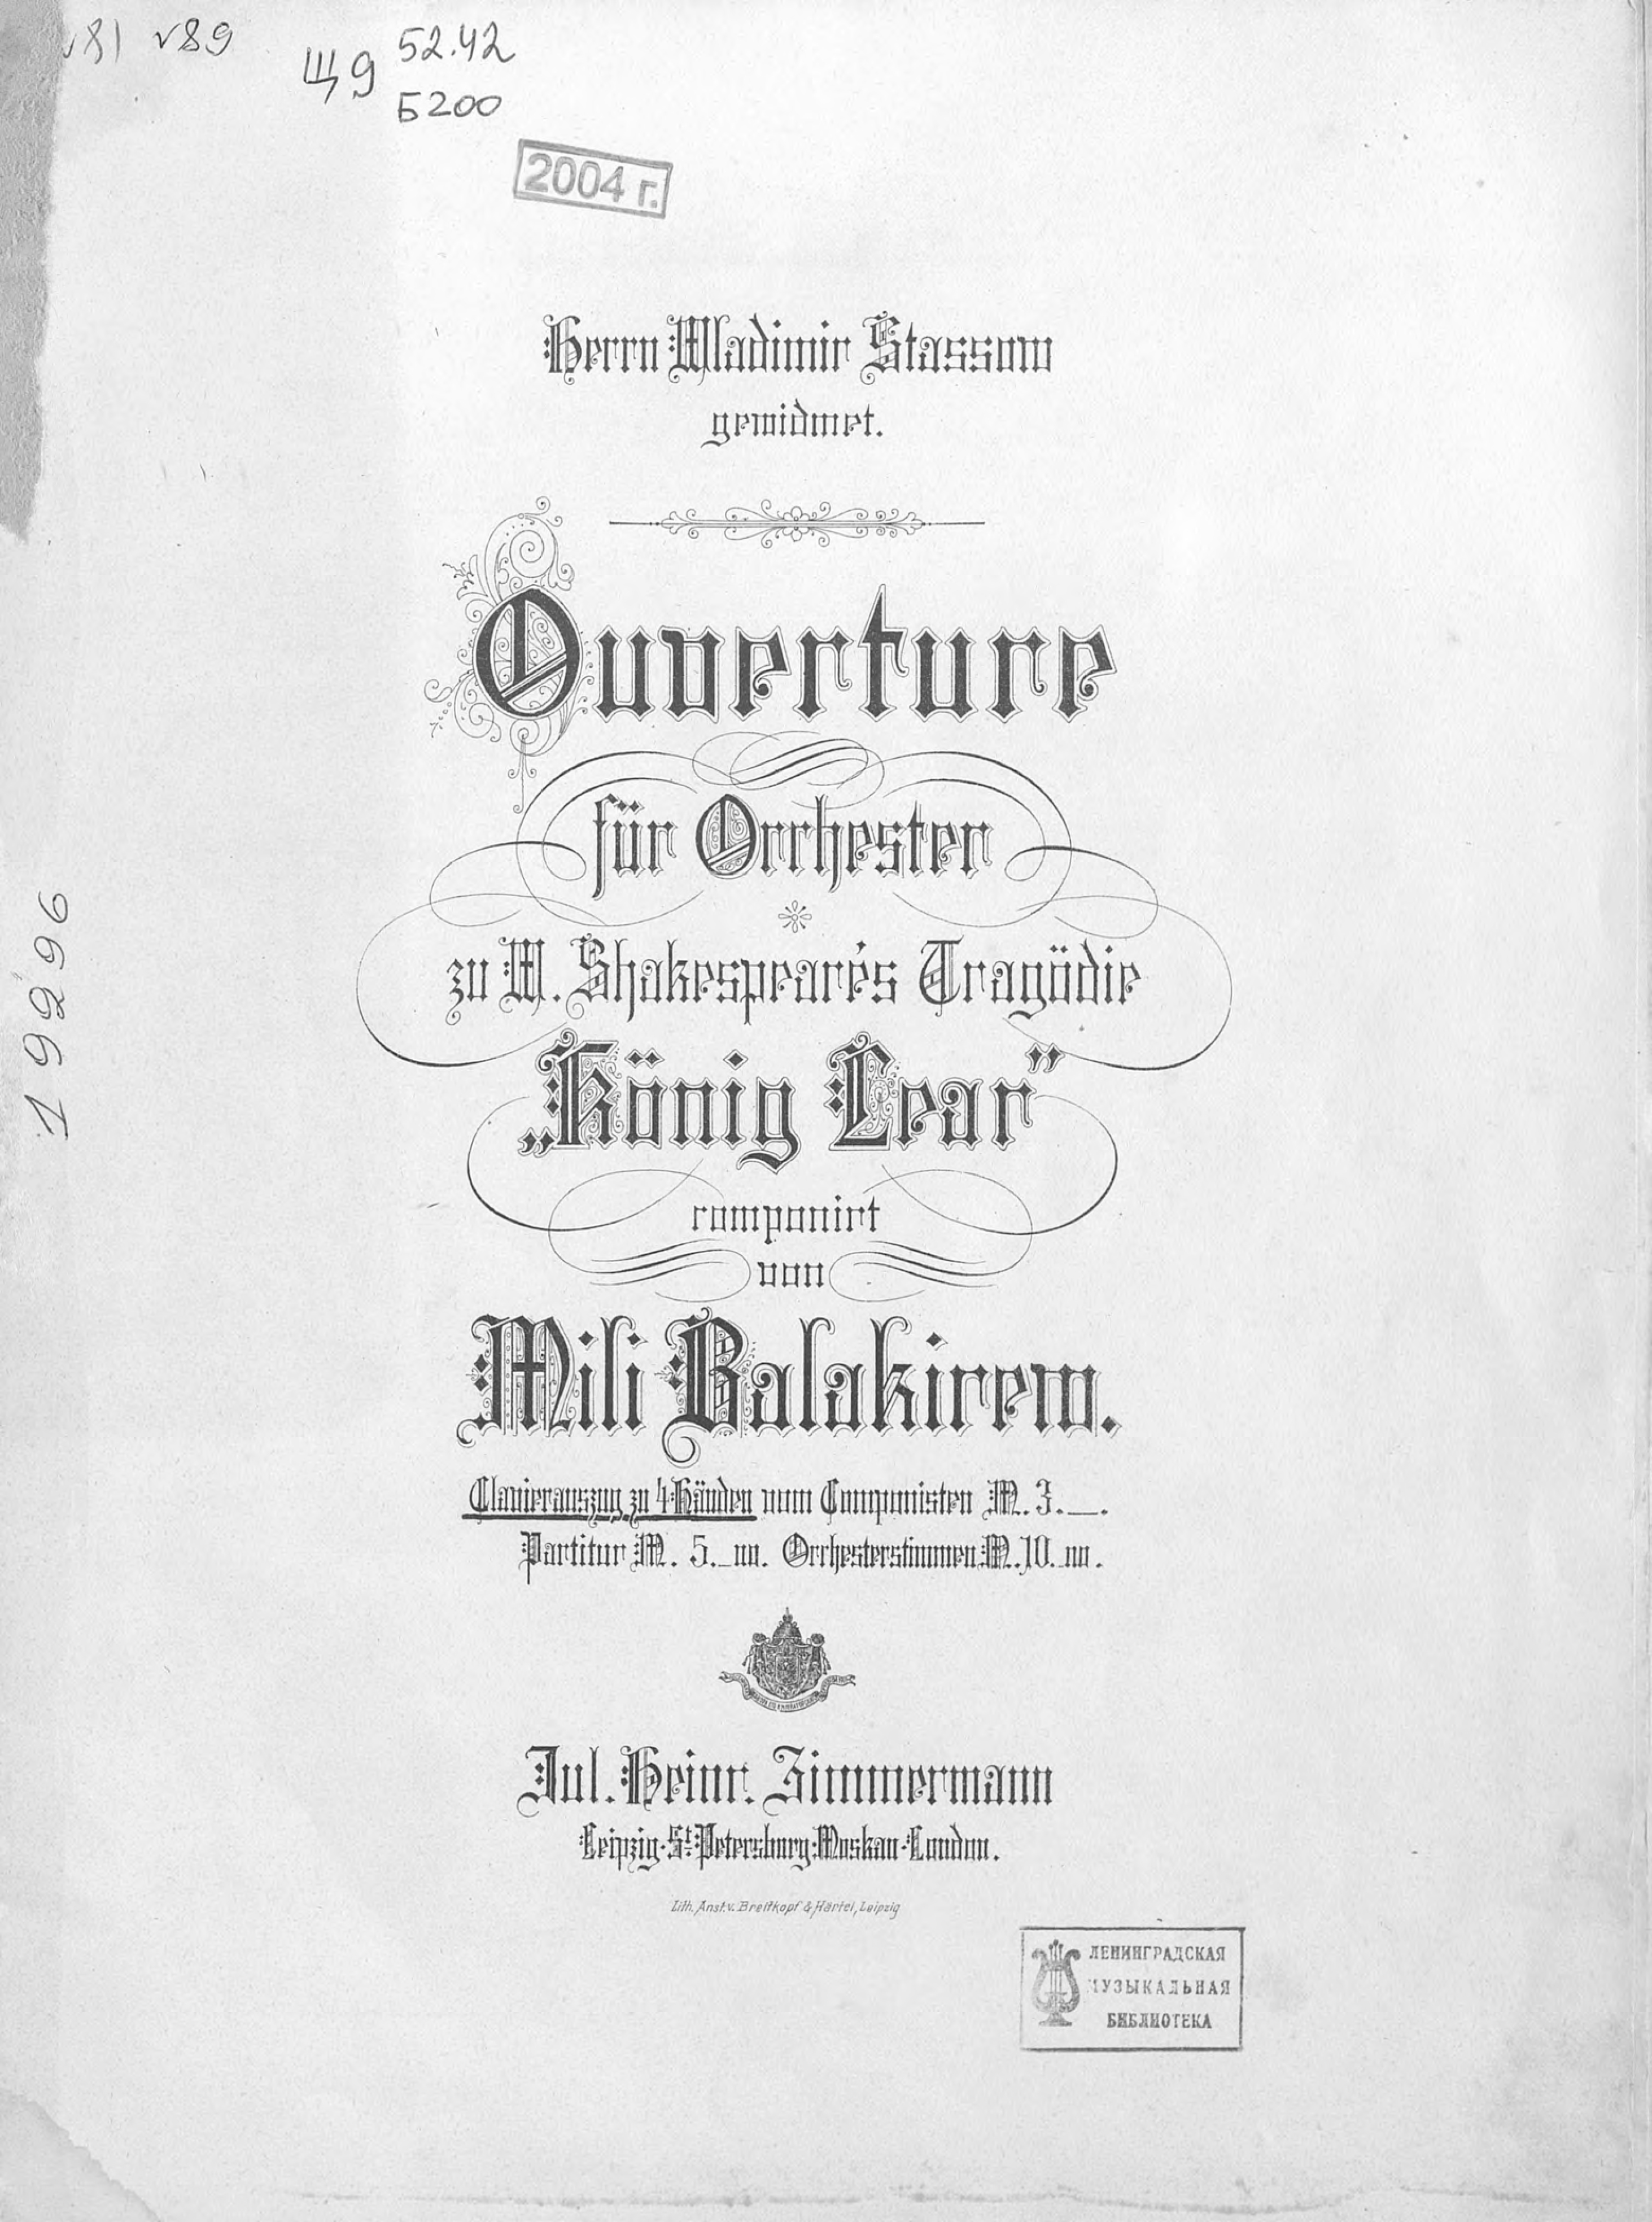 Милий Алексеевич Балакирев Ouverture fur Orchester zu W. Shakespeares Tragodie